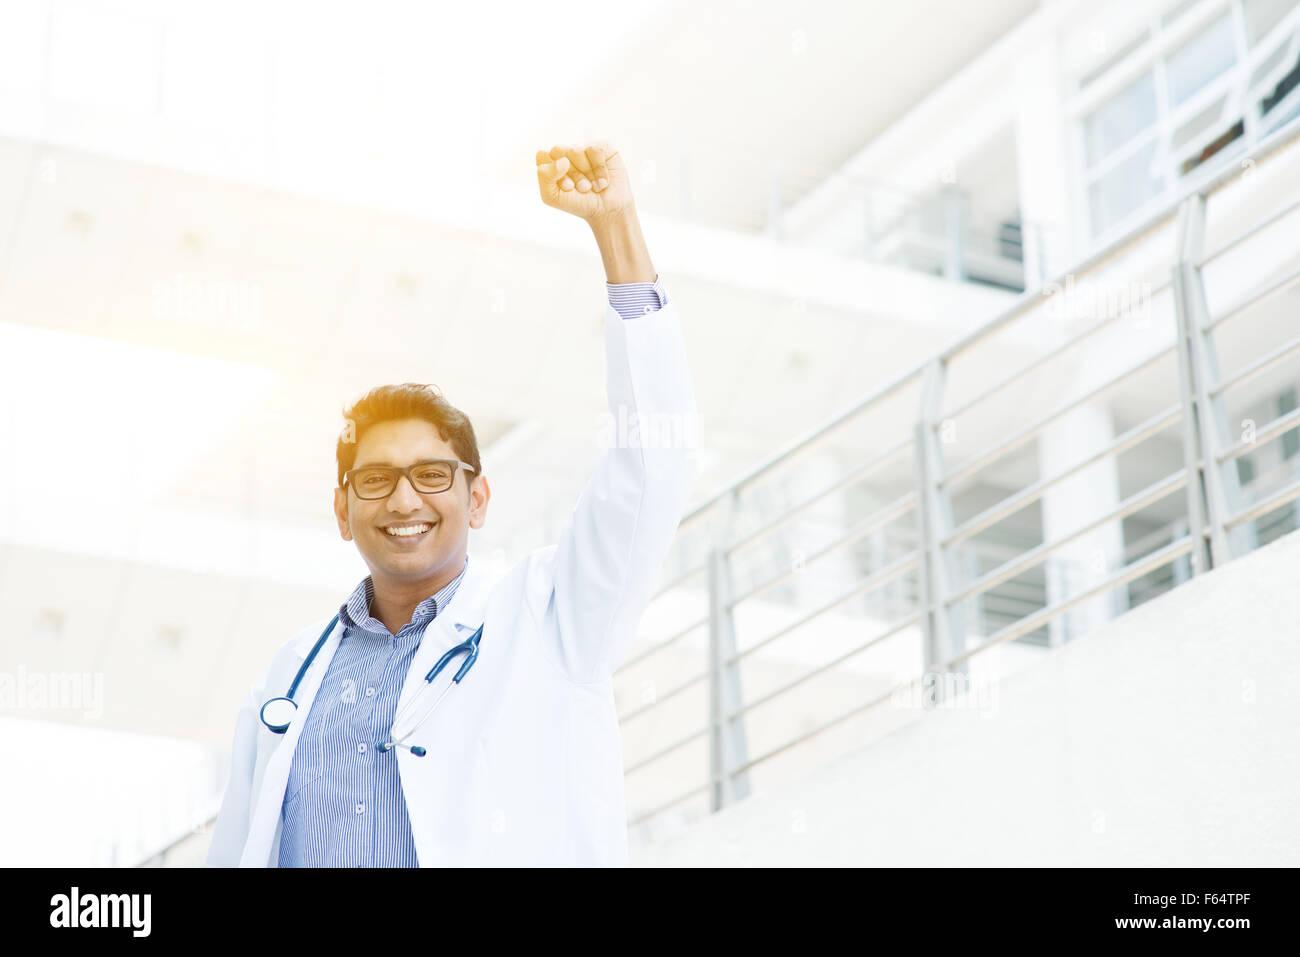 Exitoso médico indio asiático con el brazo celebrando su victoria, el edificio del hospital como fondo. Foto de stock